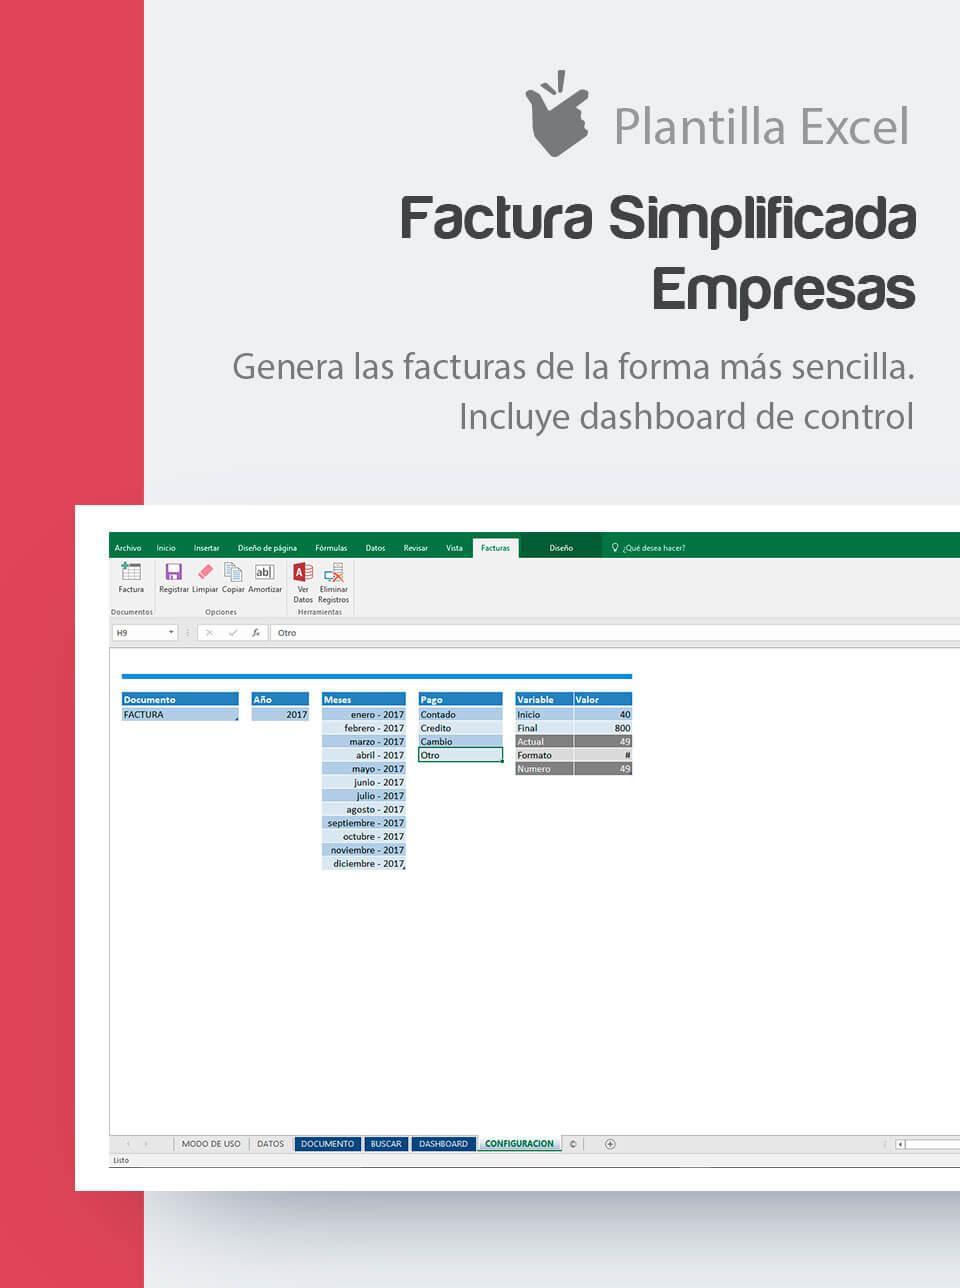 Plantilla de Facturas Simplificadas para empresas | Factufácil